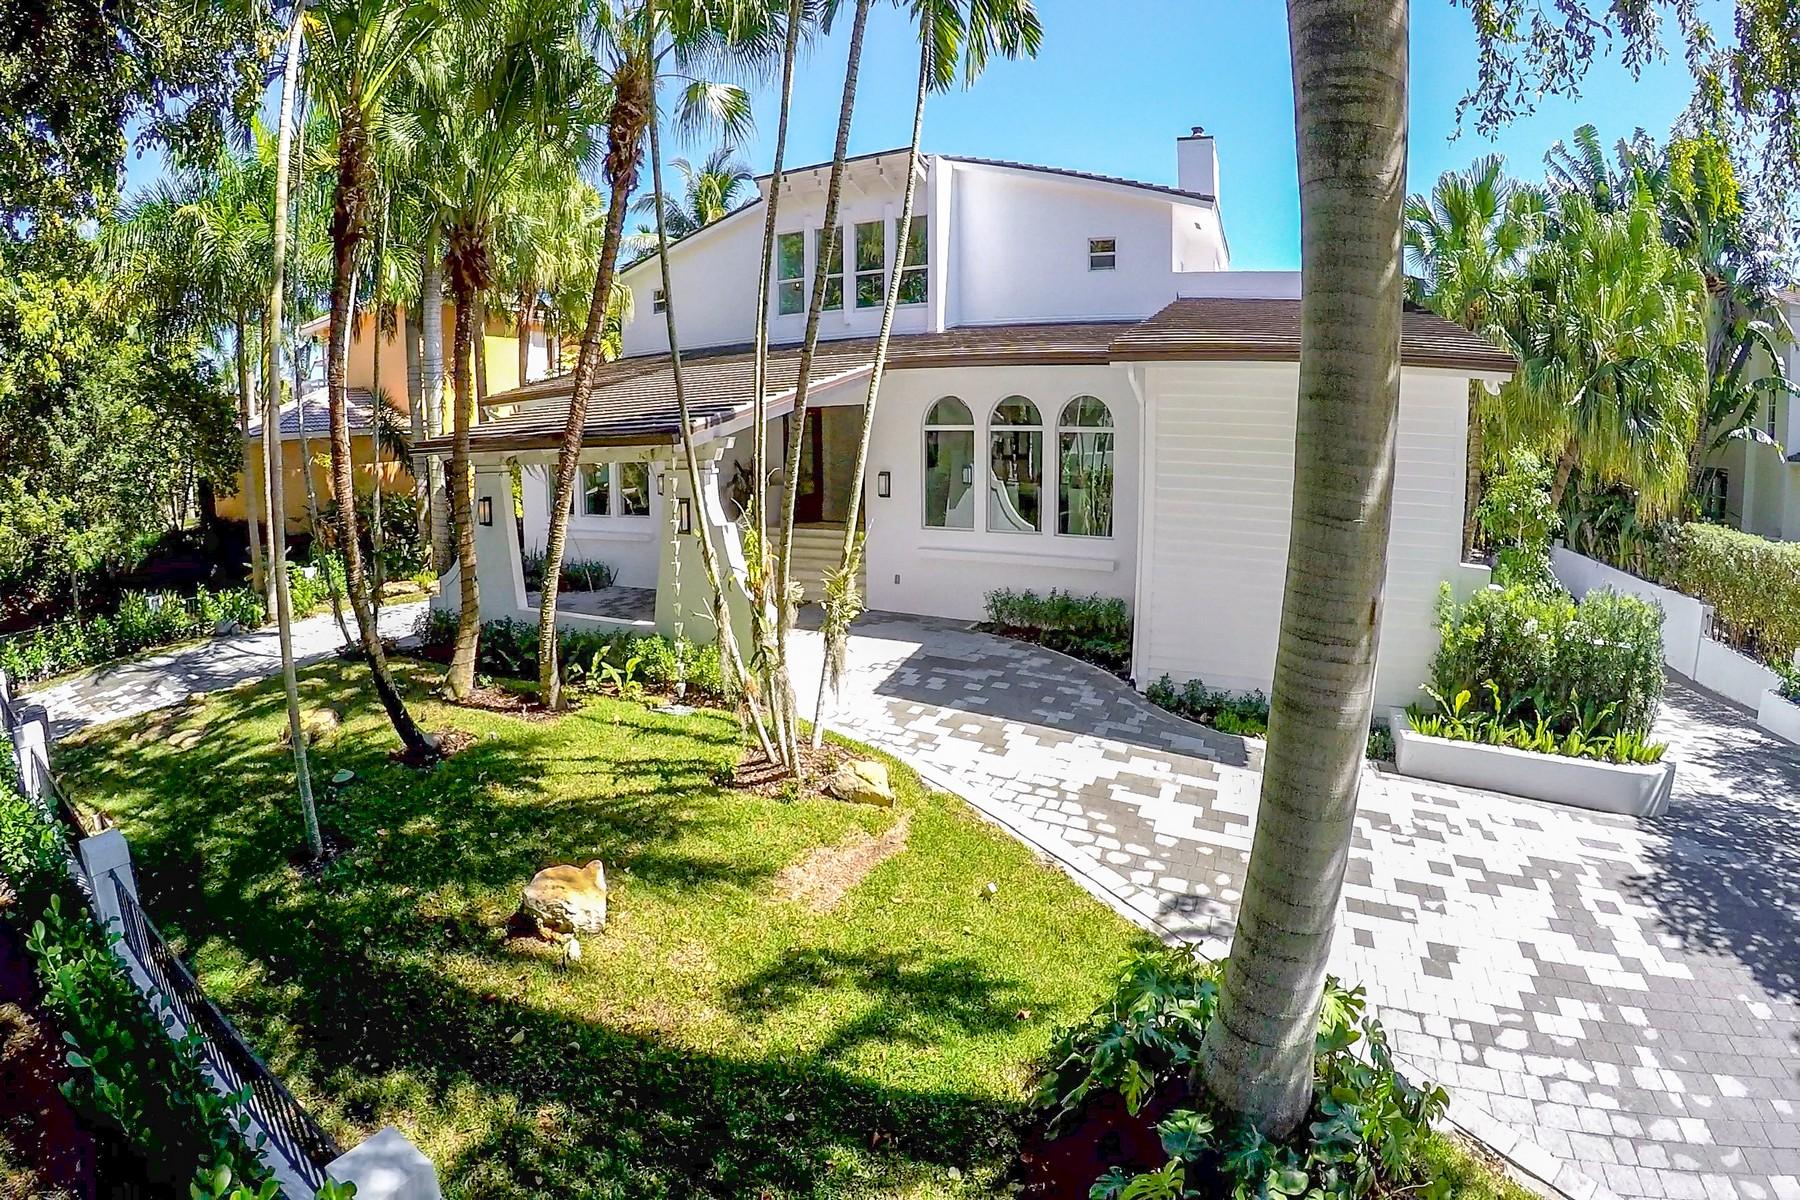 独户住宅 为 销售 在 7233 Los Pinos Blvd 科勒尔盖布尔斯, 佛罗里达州, 33143 美国